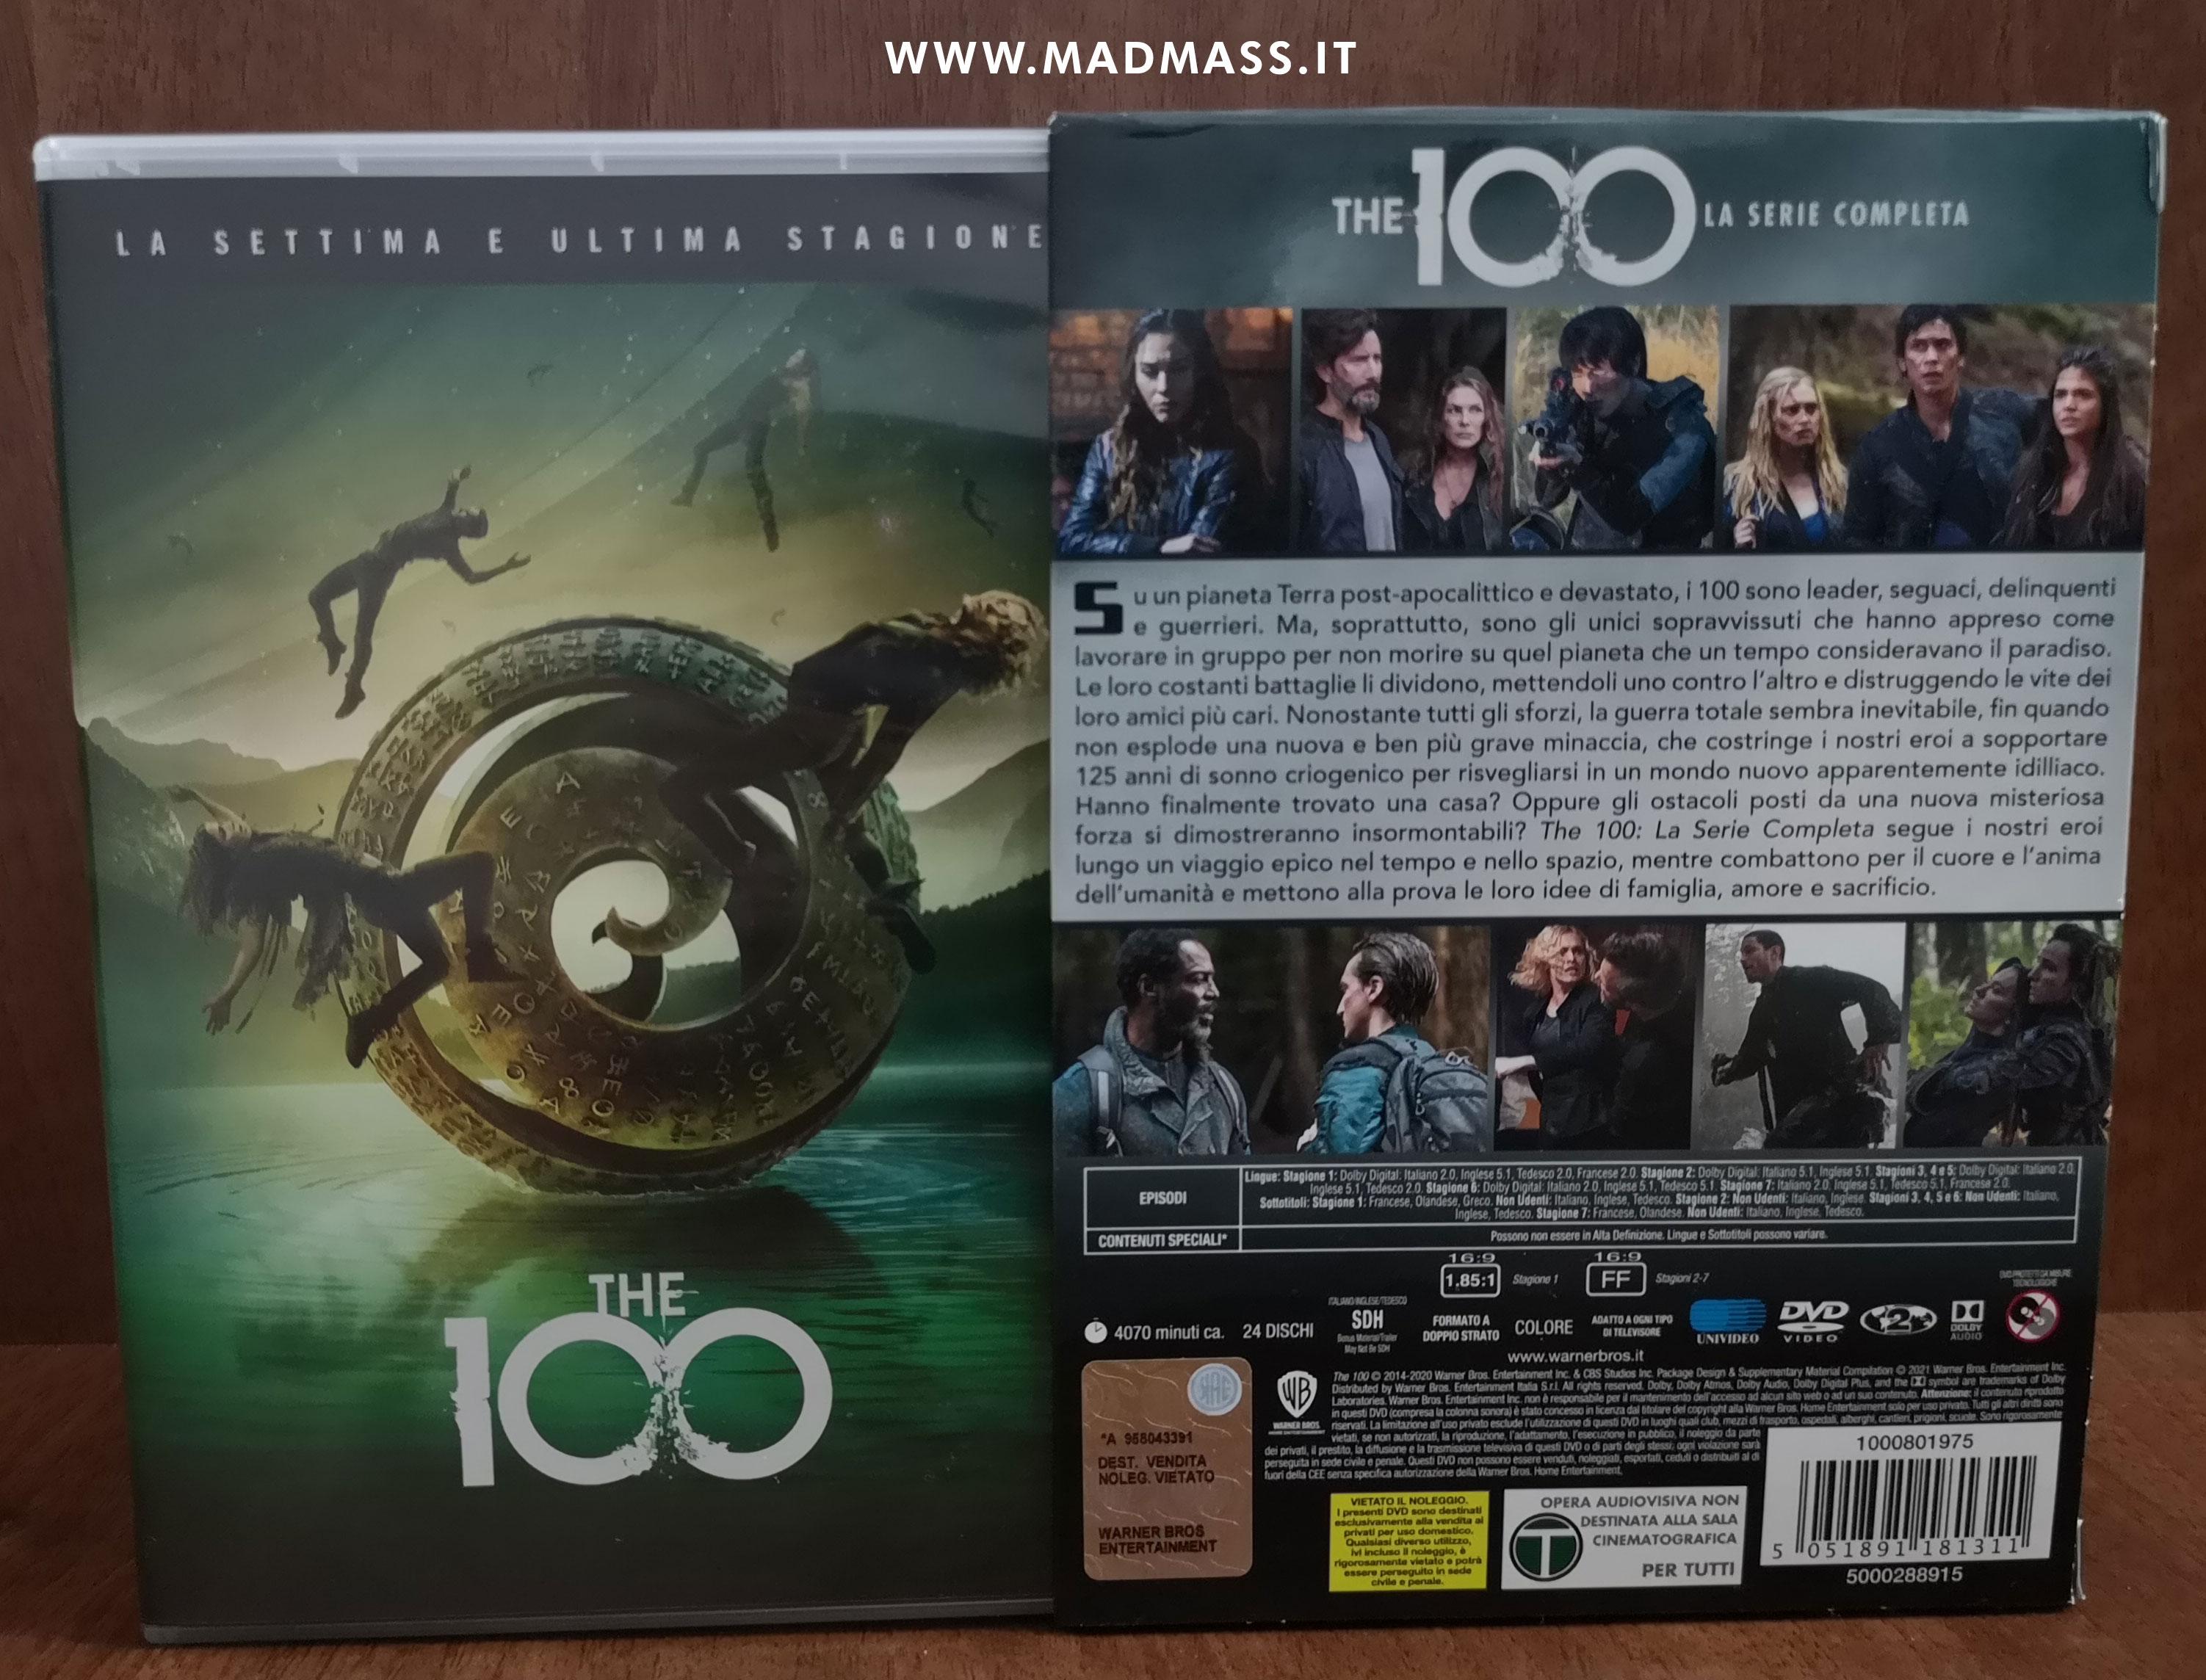 Il cofanetto della serie creata da Jason Rothenberg include anche la settima e ultima stagione